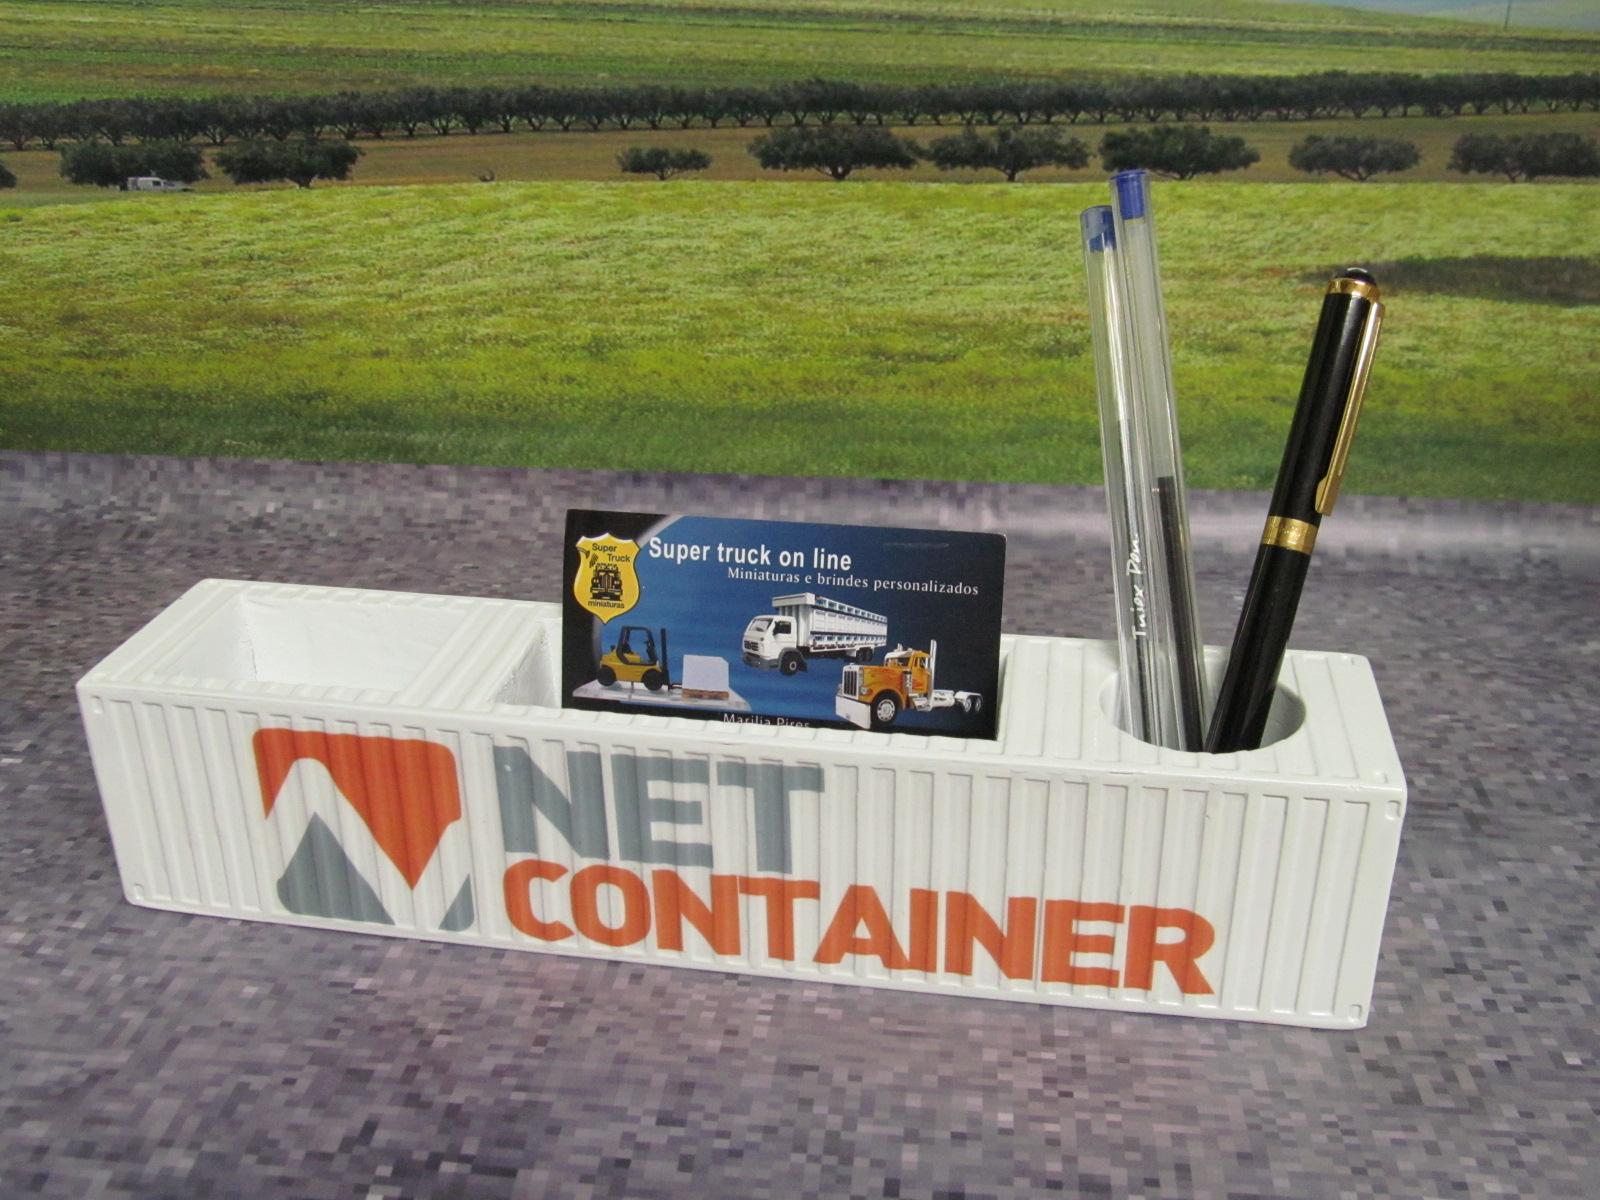 Porta canetas Net container